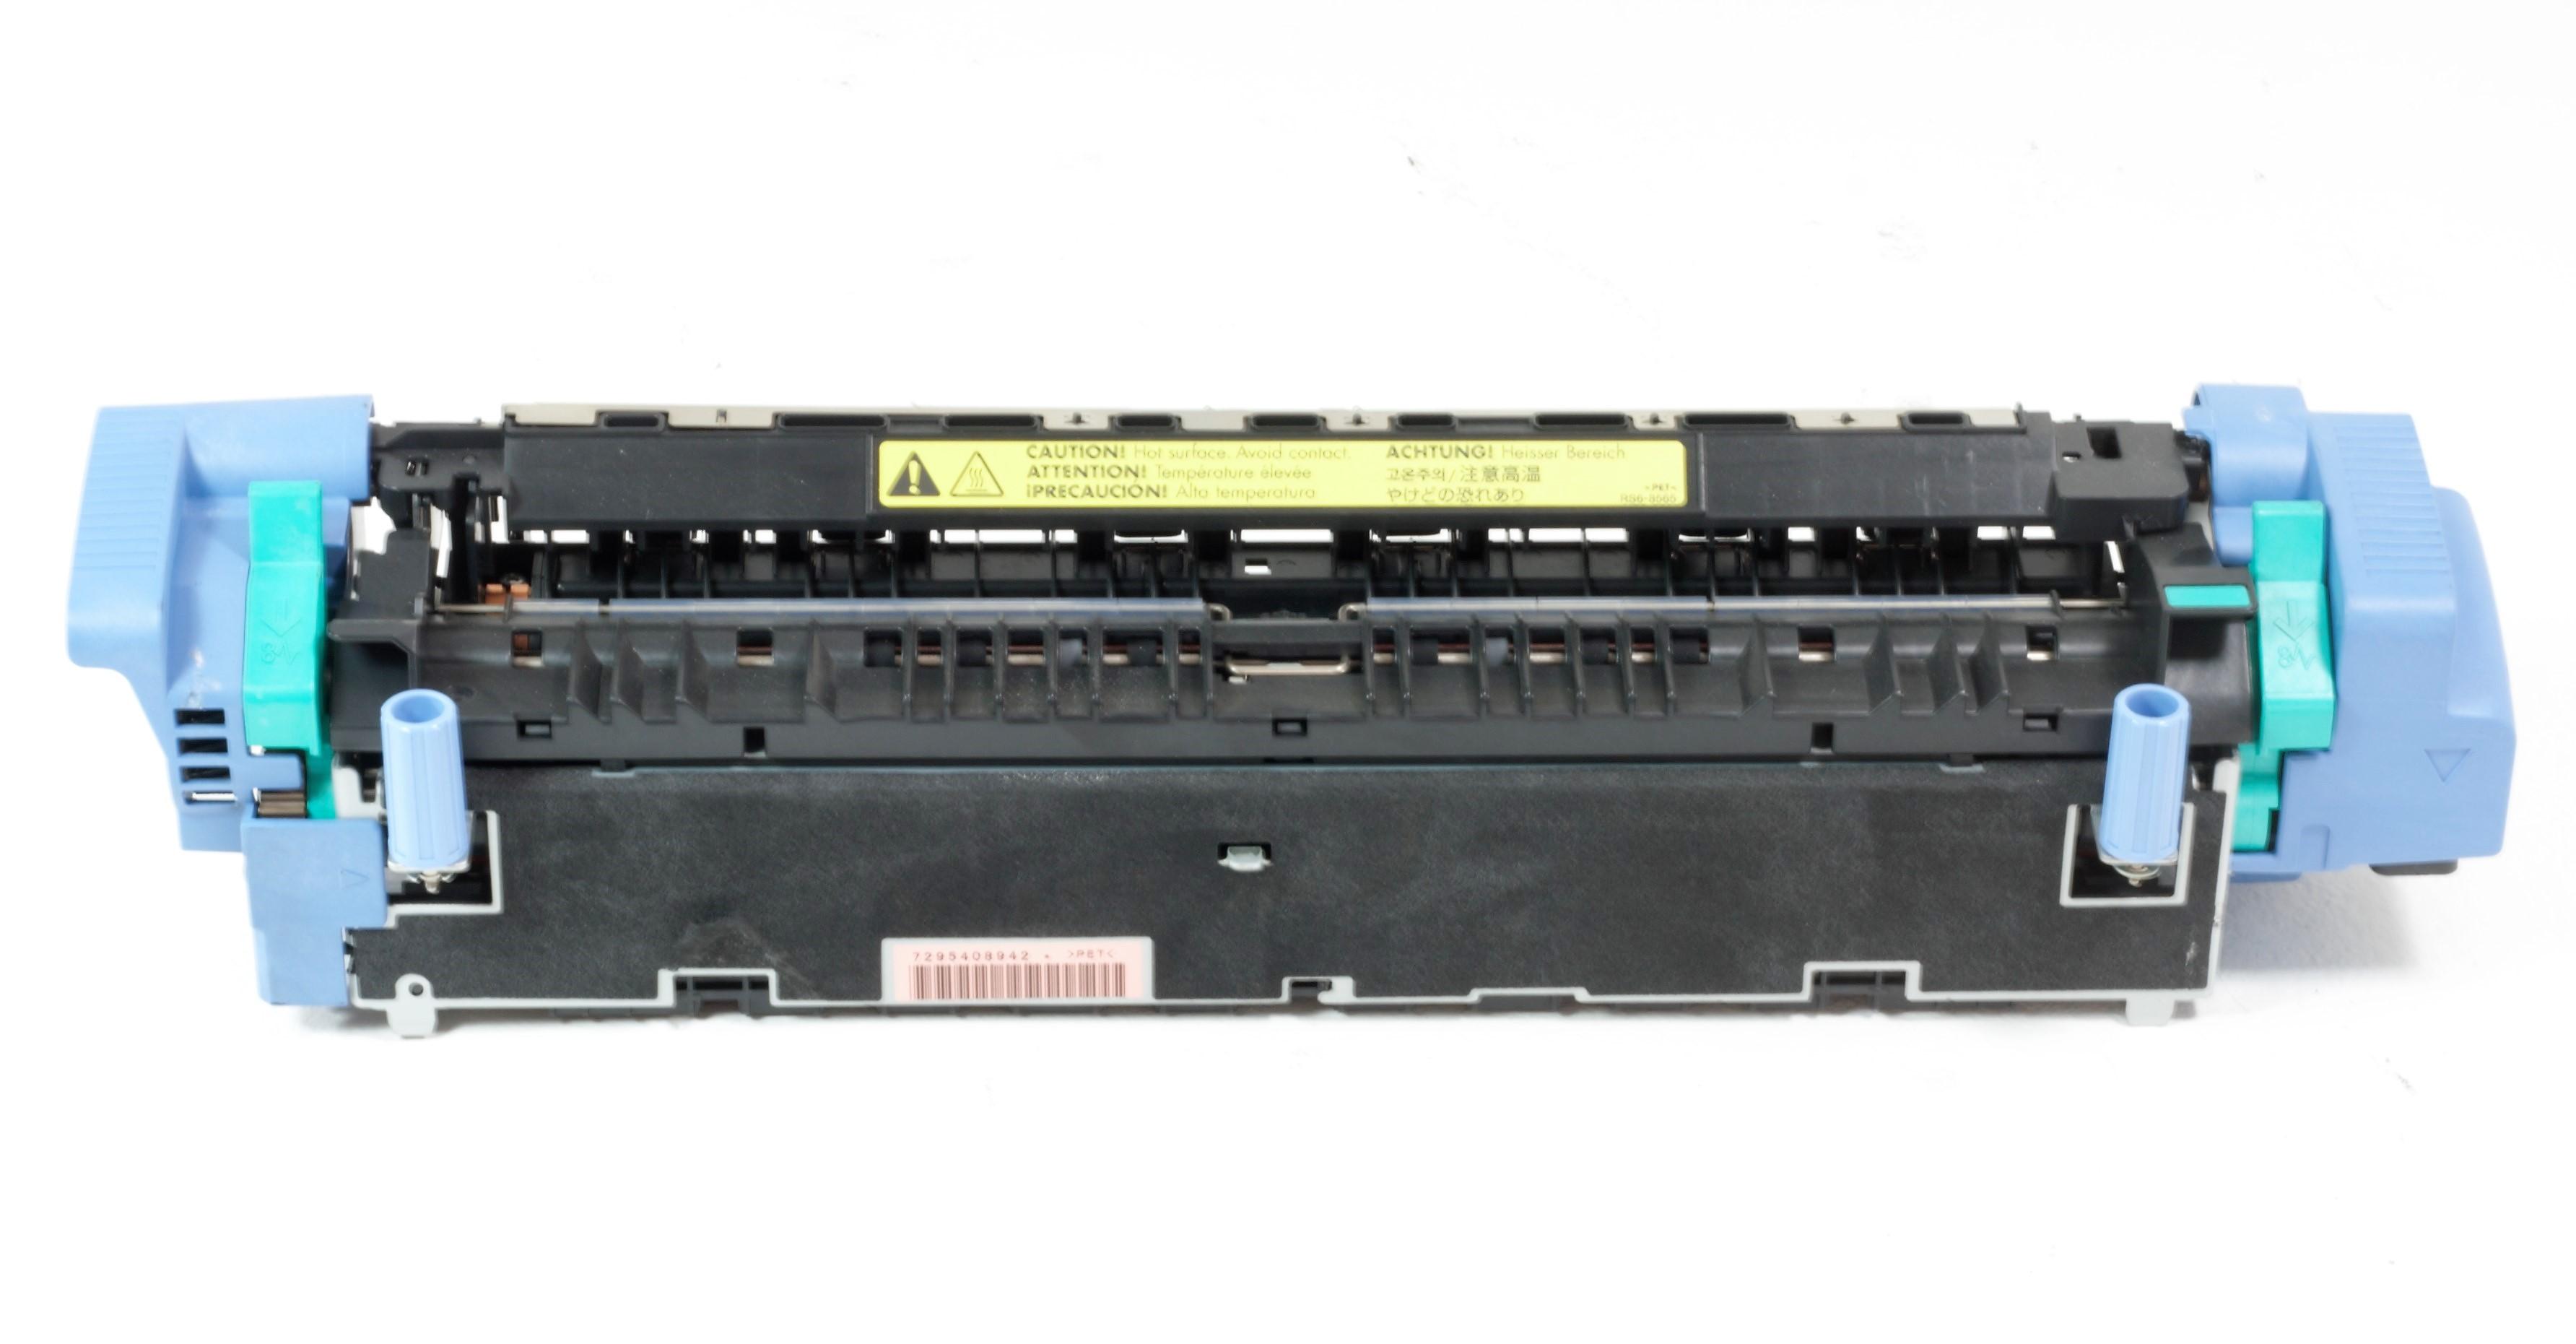 HP Q3985A Fuser Fixiereinheit Drucker LaserJet 5550 5550N 5550dn 5550dtn gebraucht